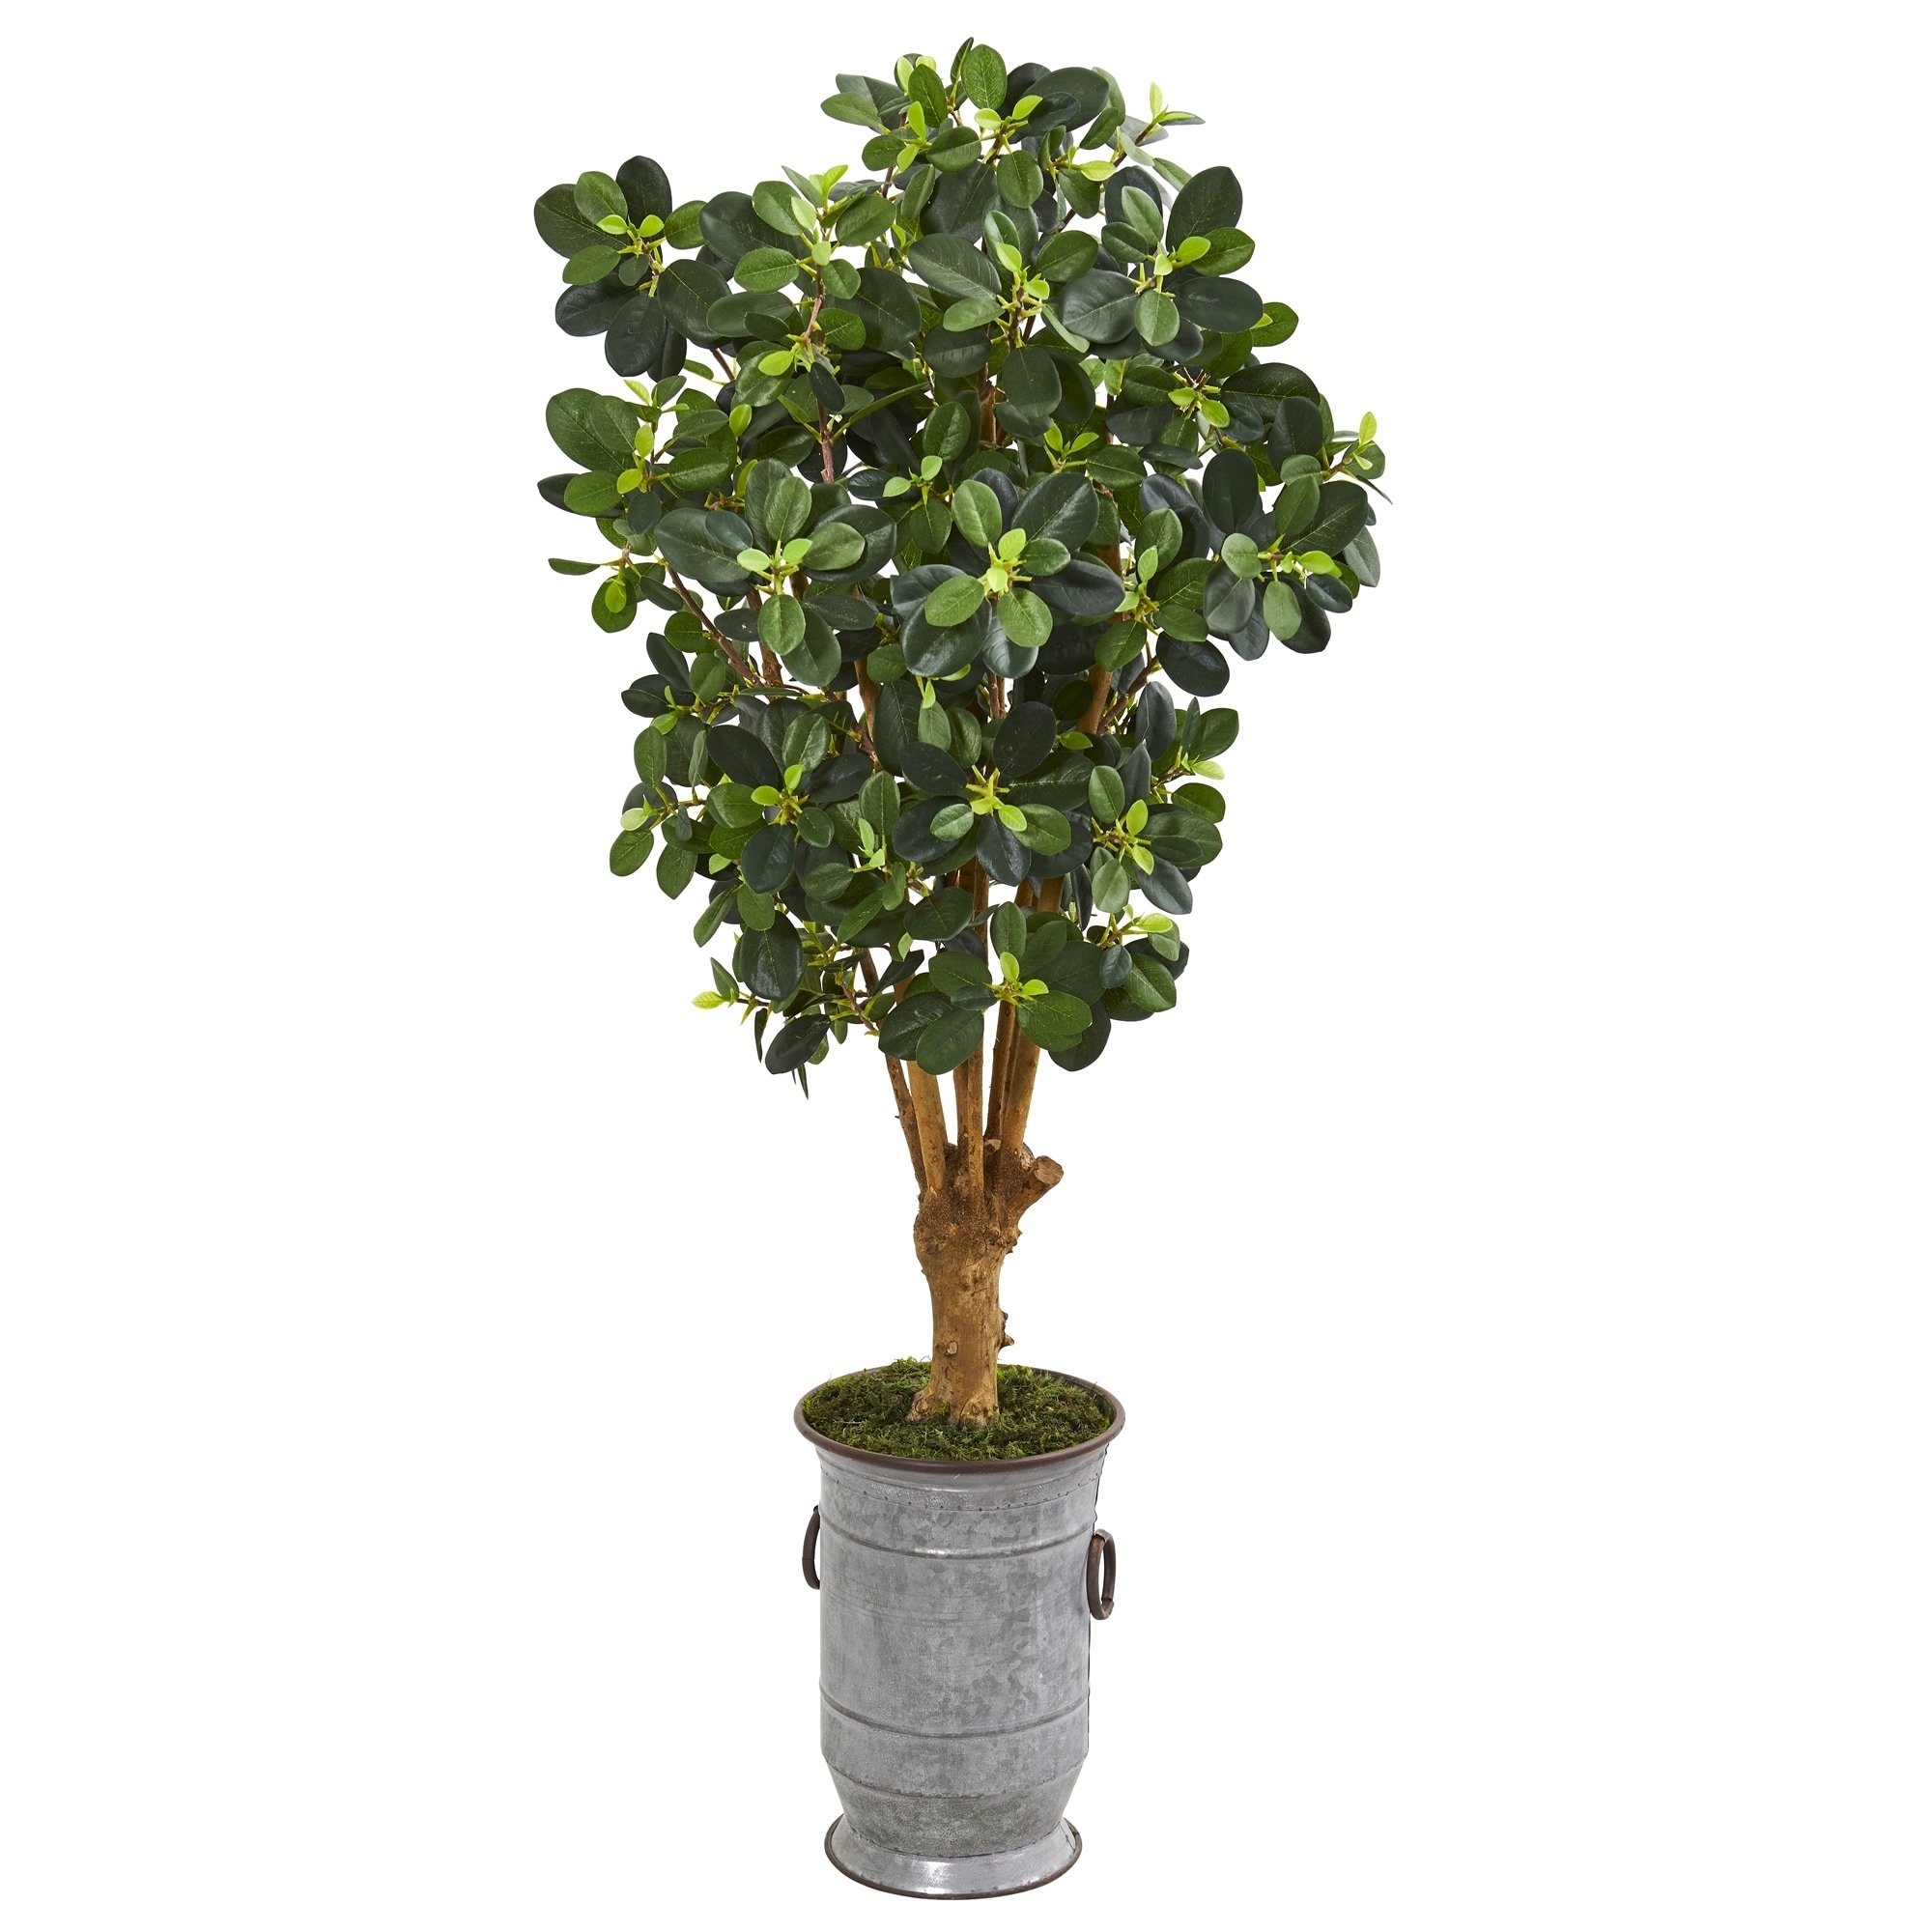 46 Panda Artificial Ficus Tree in Metal Urn